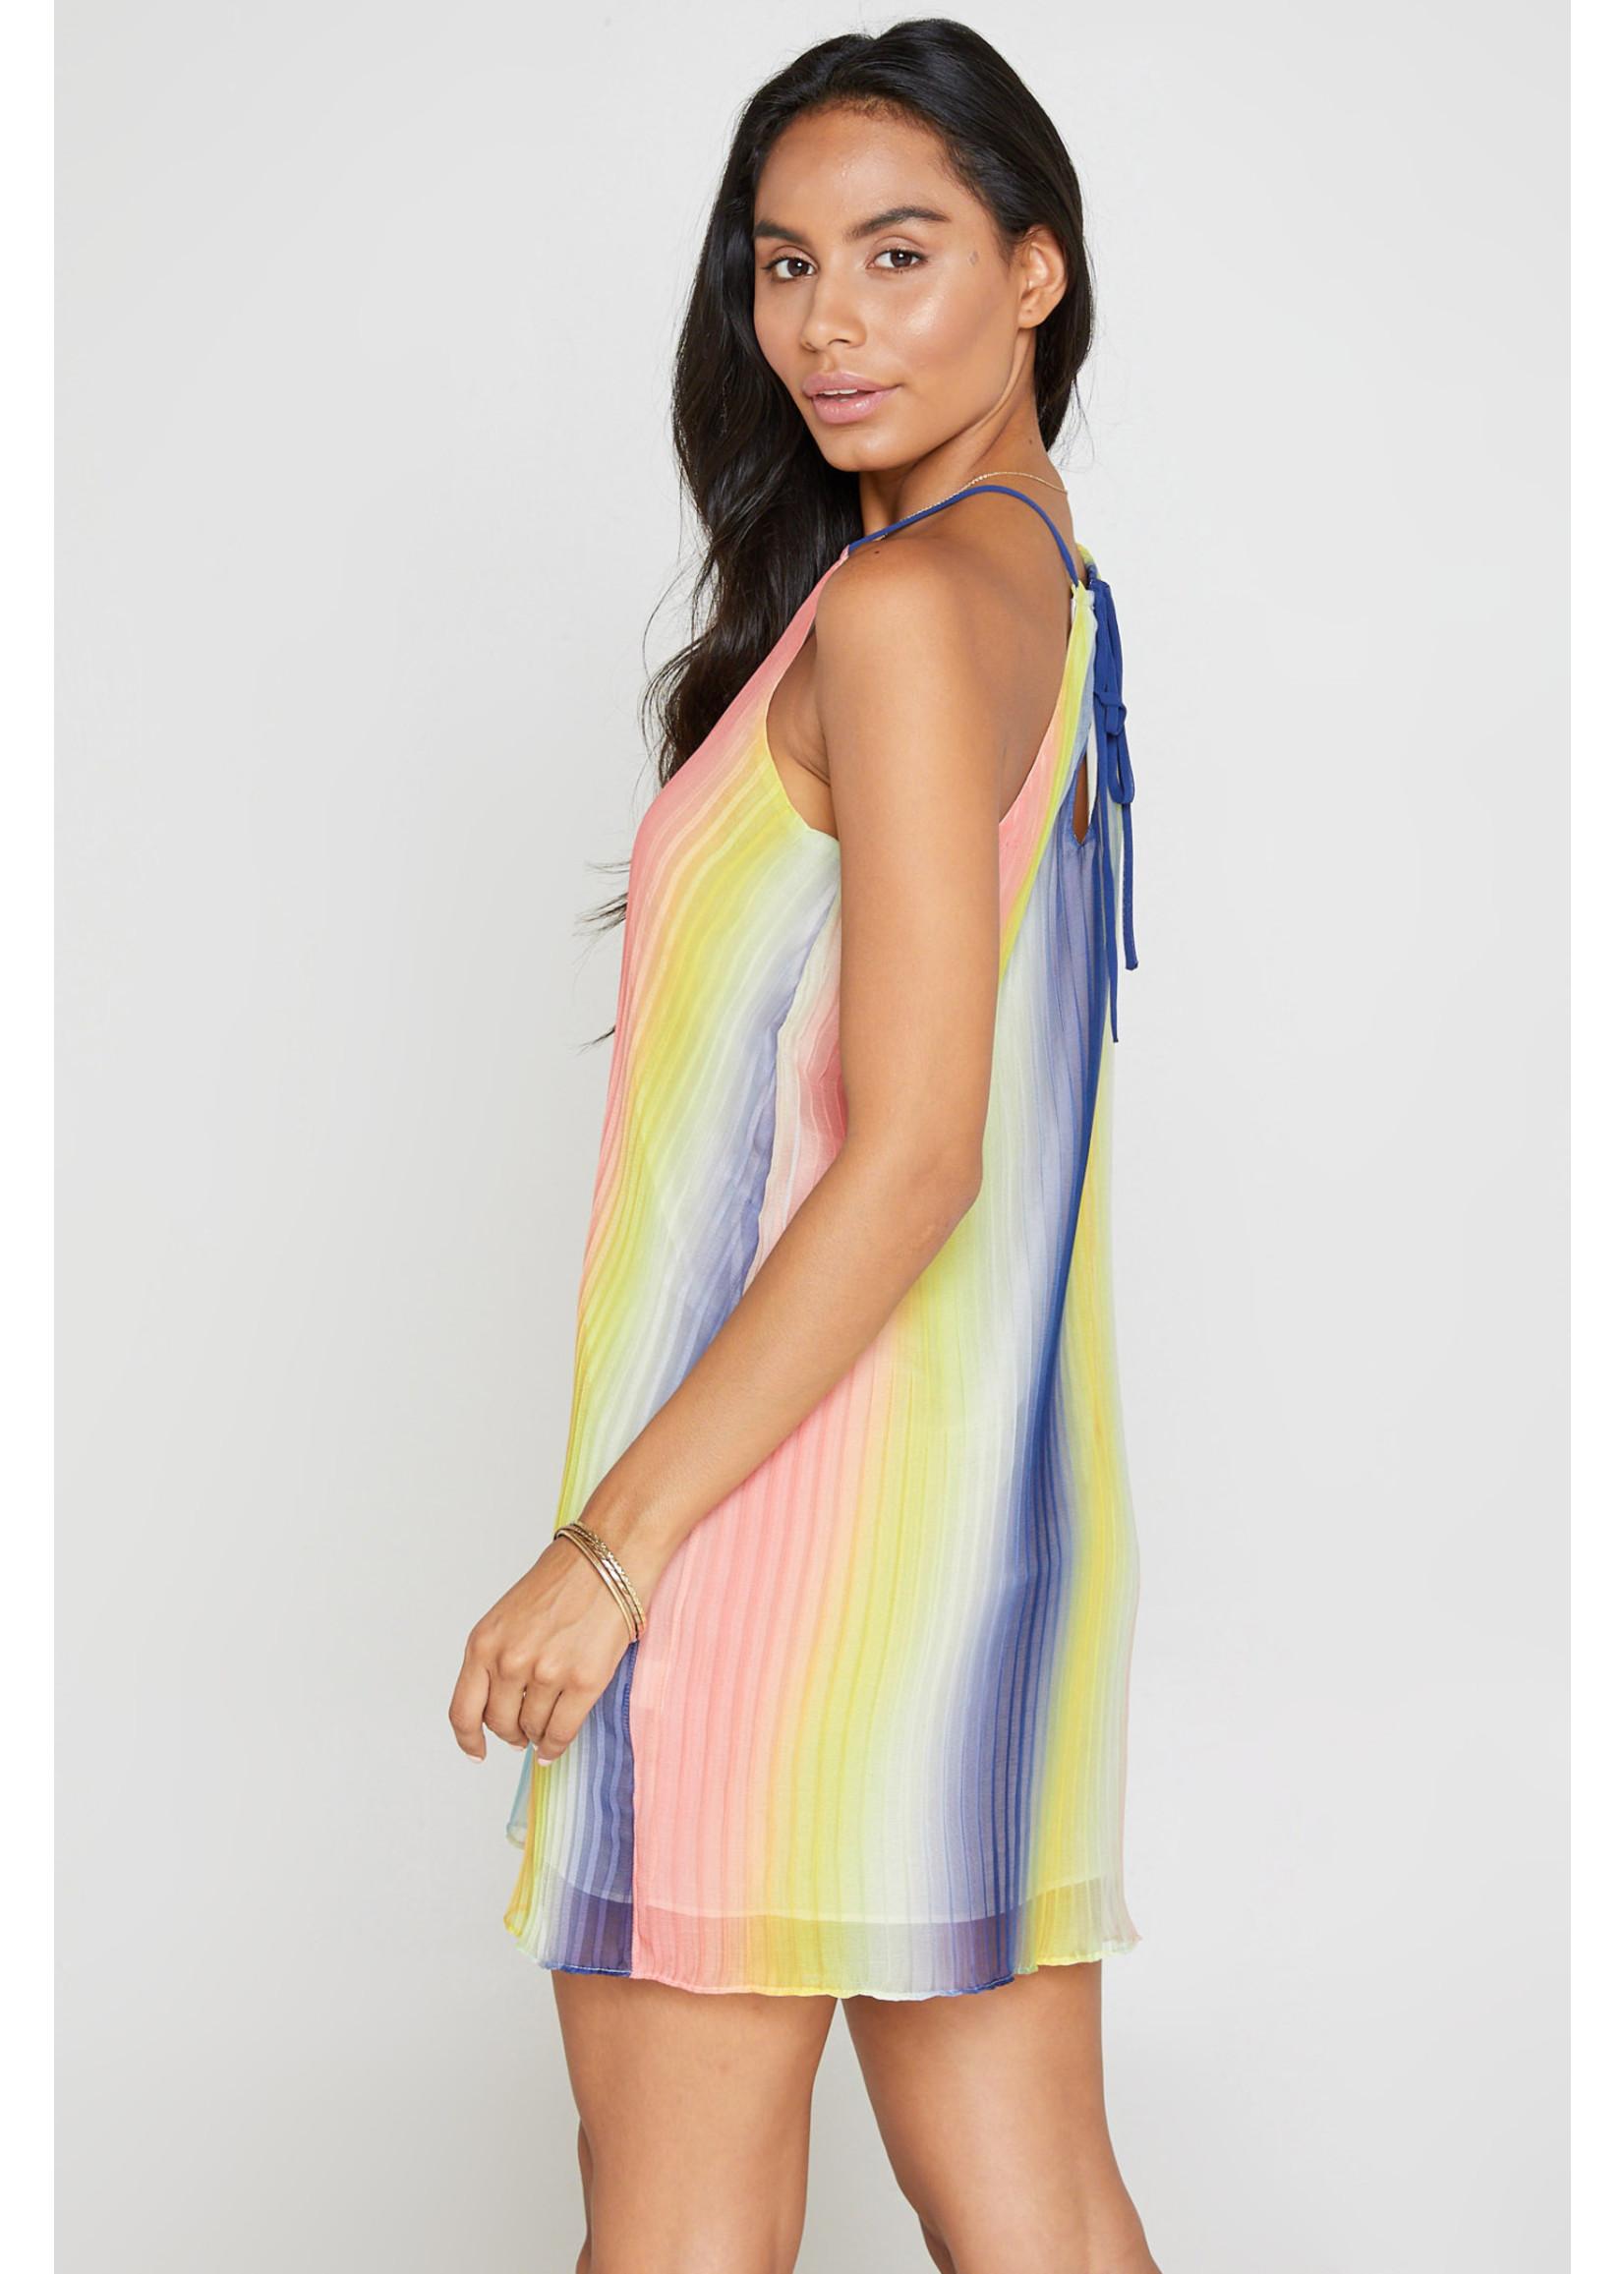 Sadie Sage Prism Dress